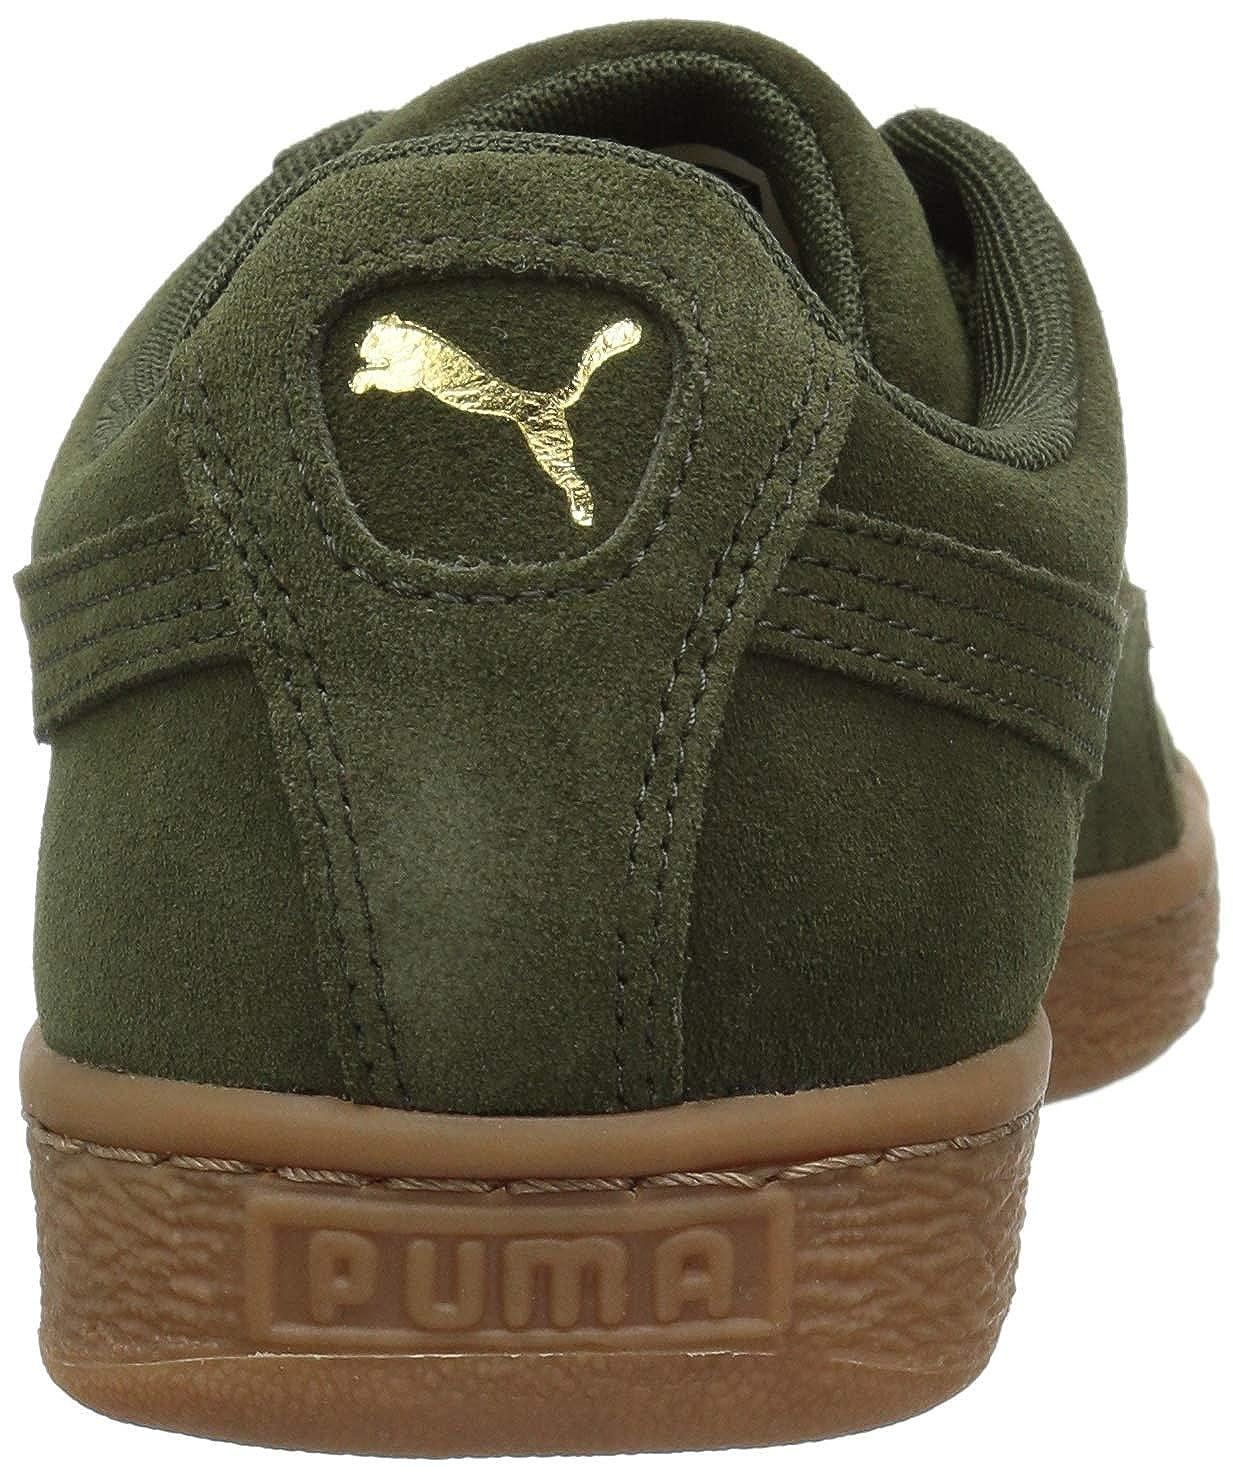 Puma Herren Suede Classic Turnschuh Turnschuh Turnschuh Mole B077SM81LX 9458d1